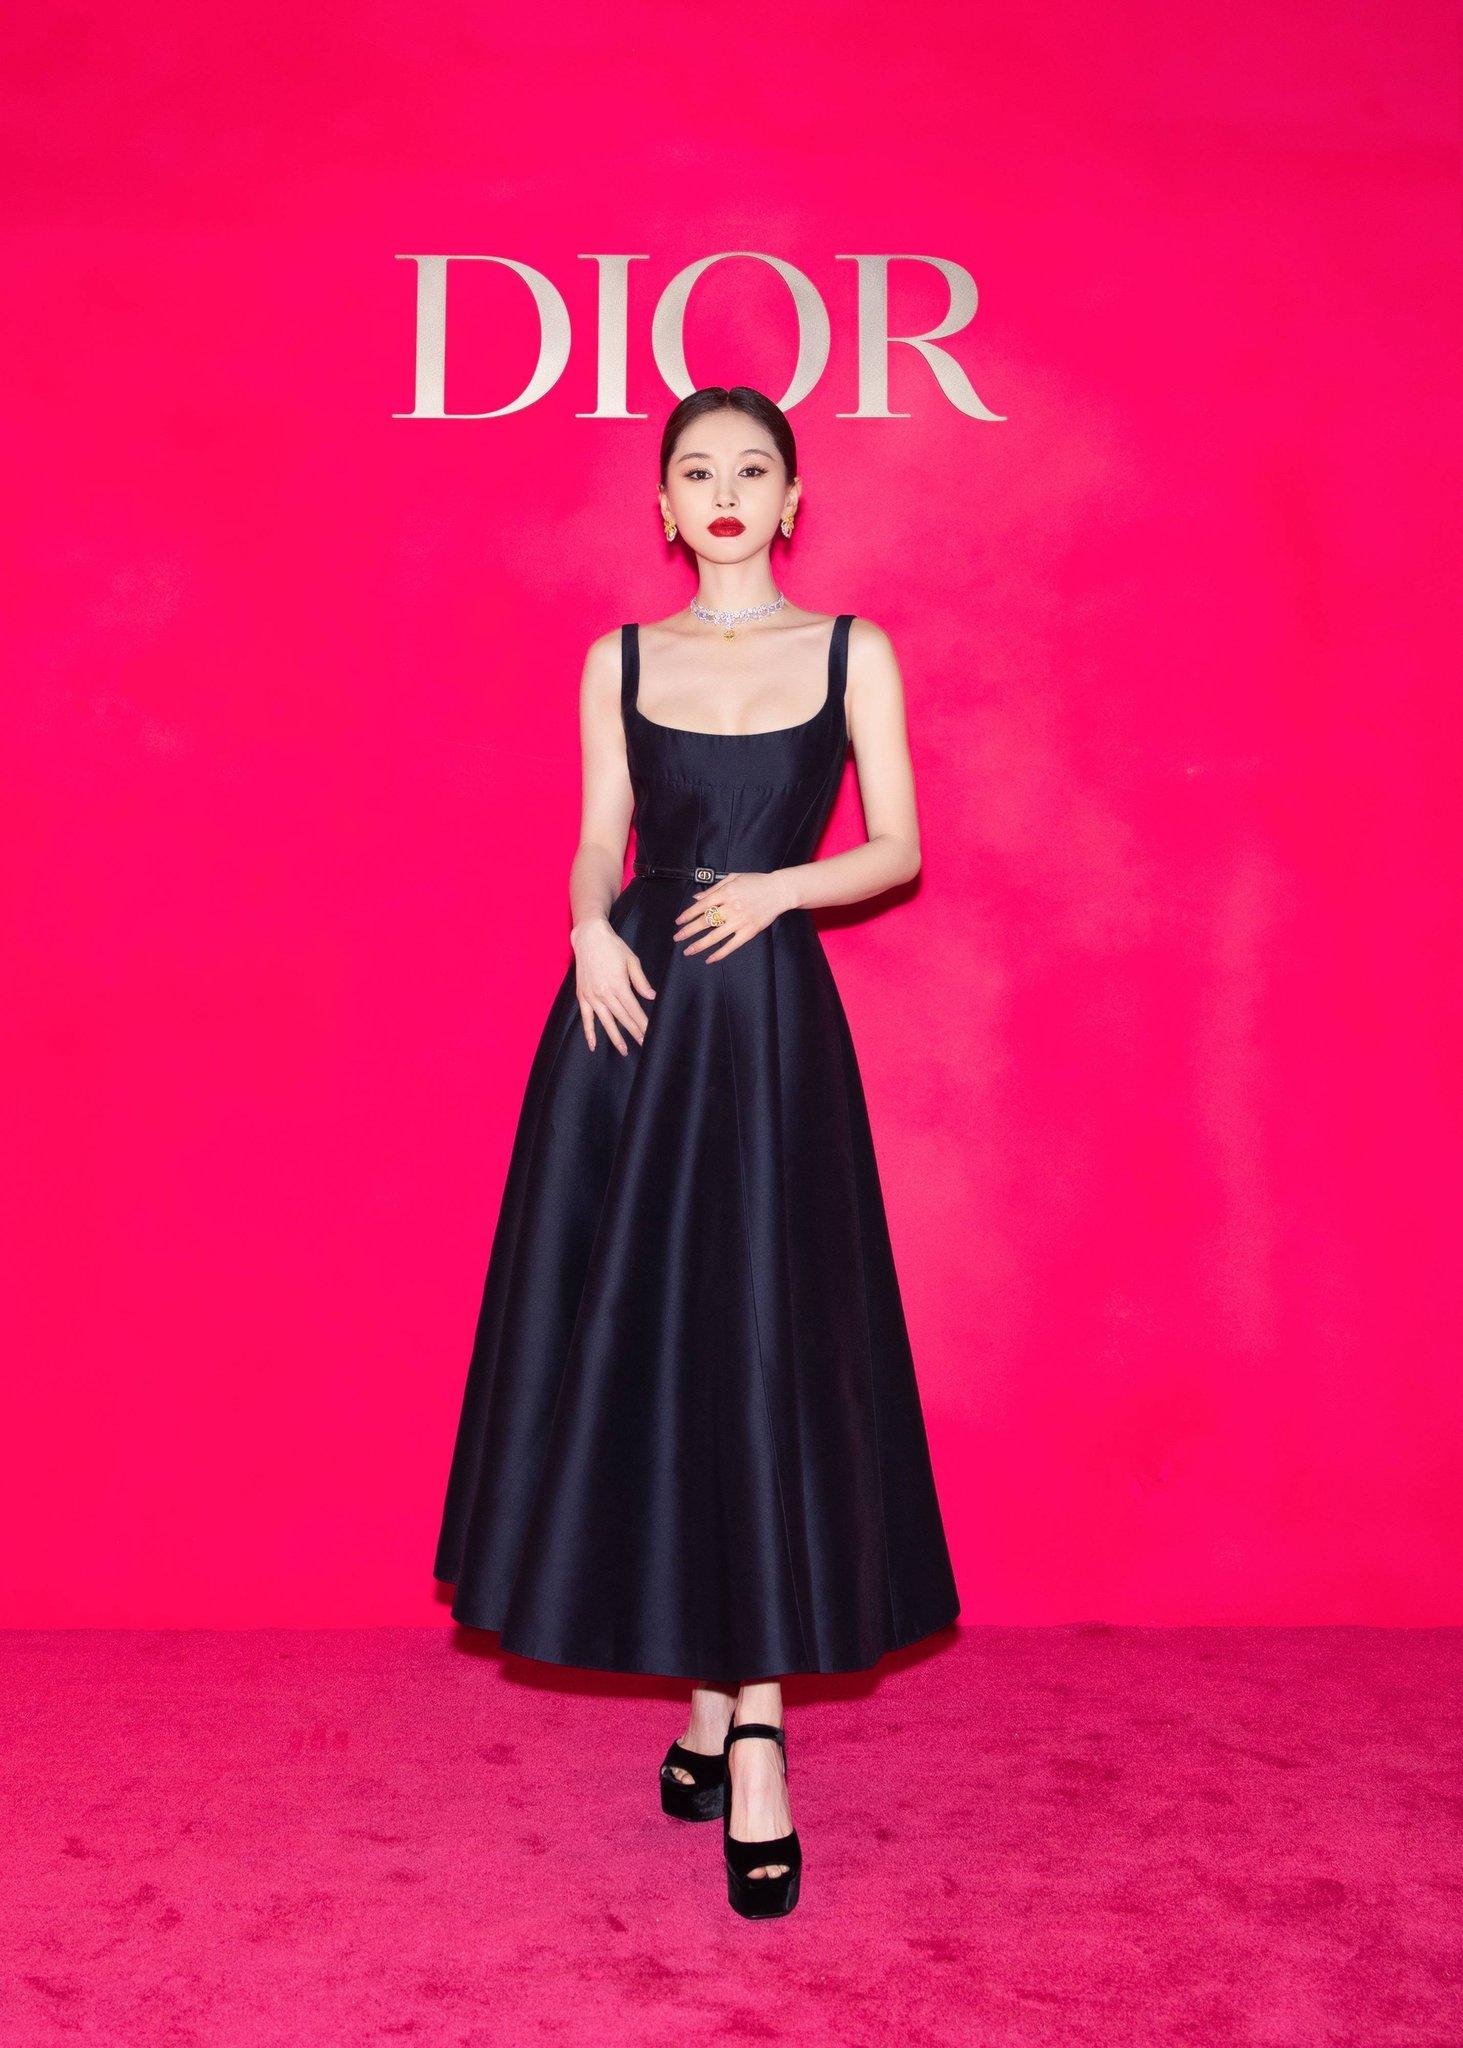 """Jisoo Dior Diện đồ Dior lấy cảm hứng từ Jisoo, Angela Baby và dàn sao Cbiz ngậm ngùi lép vế """"bản gốc""""? - Ảnh 6."""